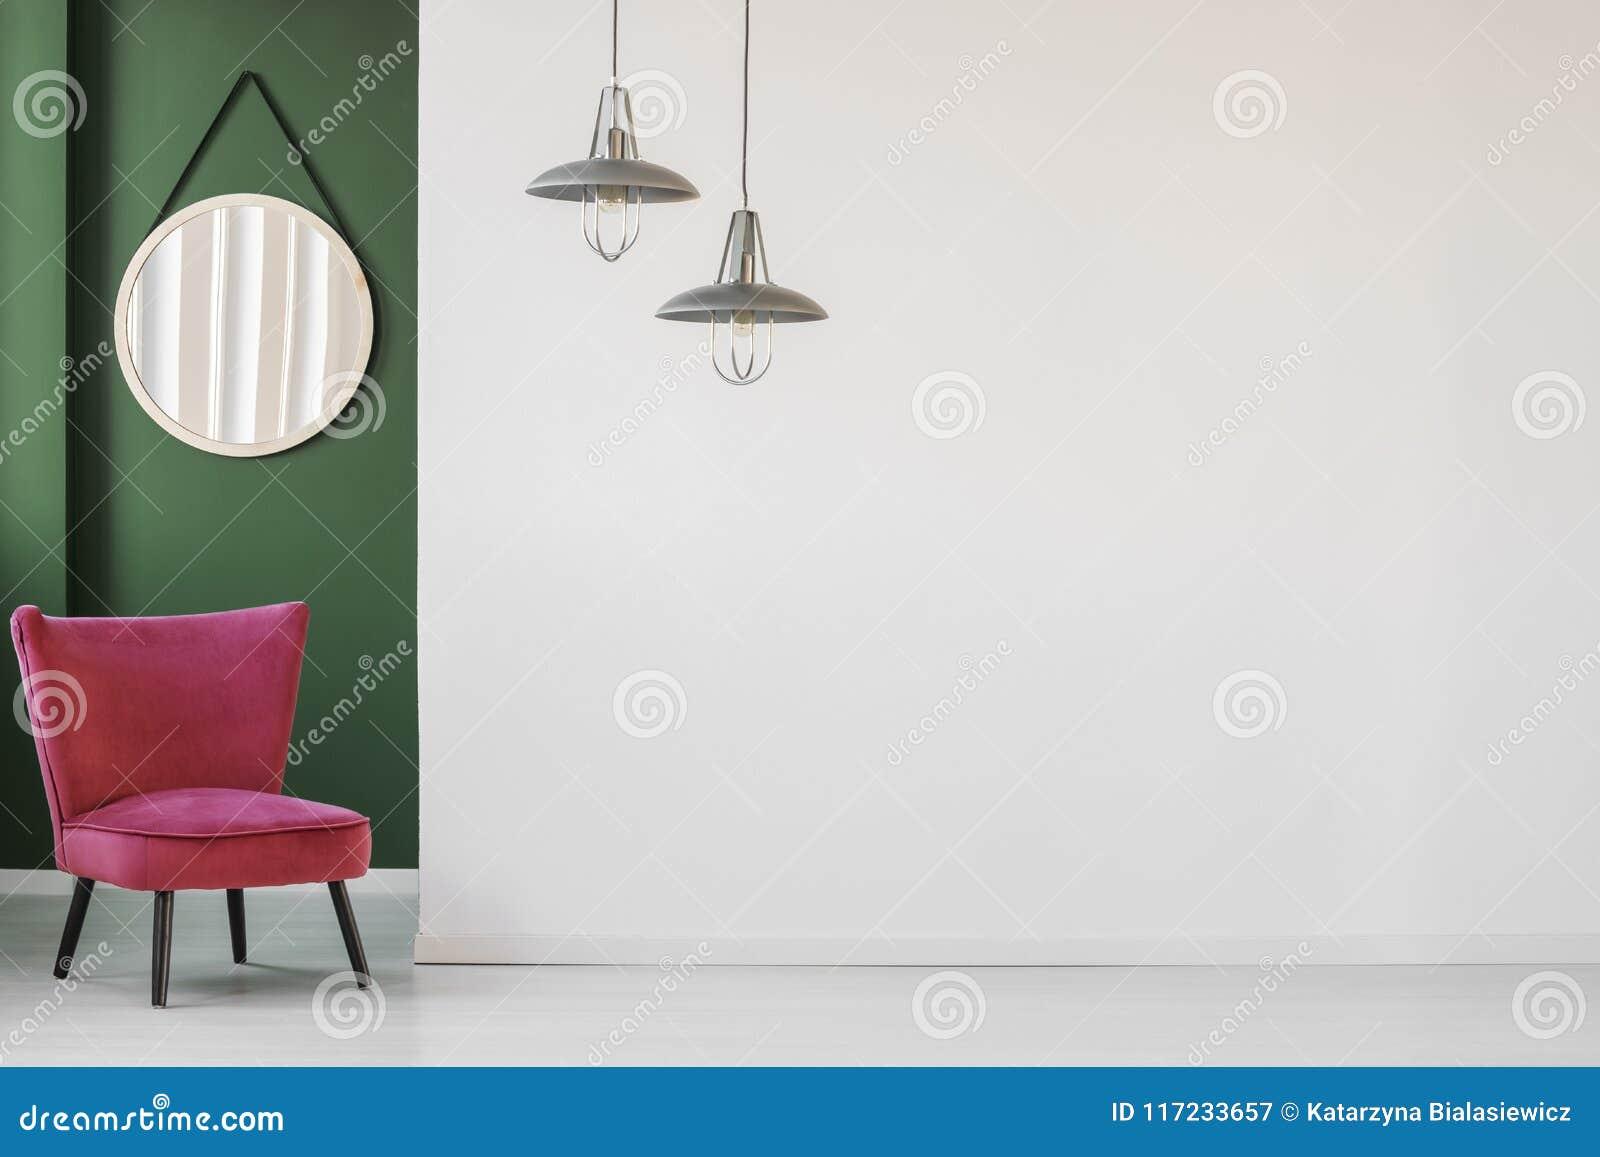 Chaise et miroir dans le coin